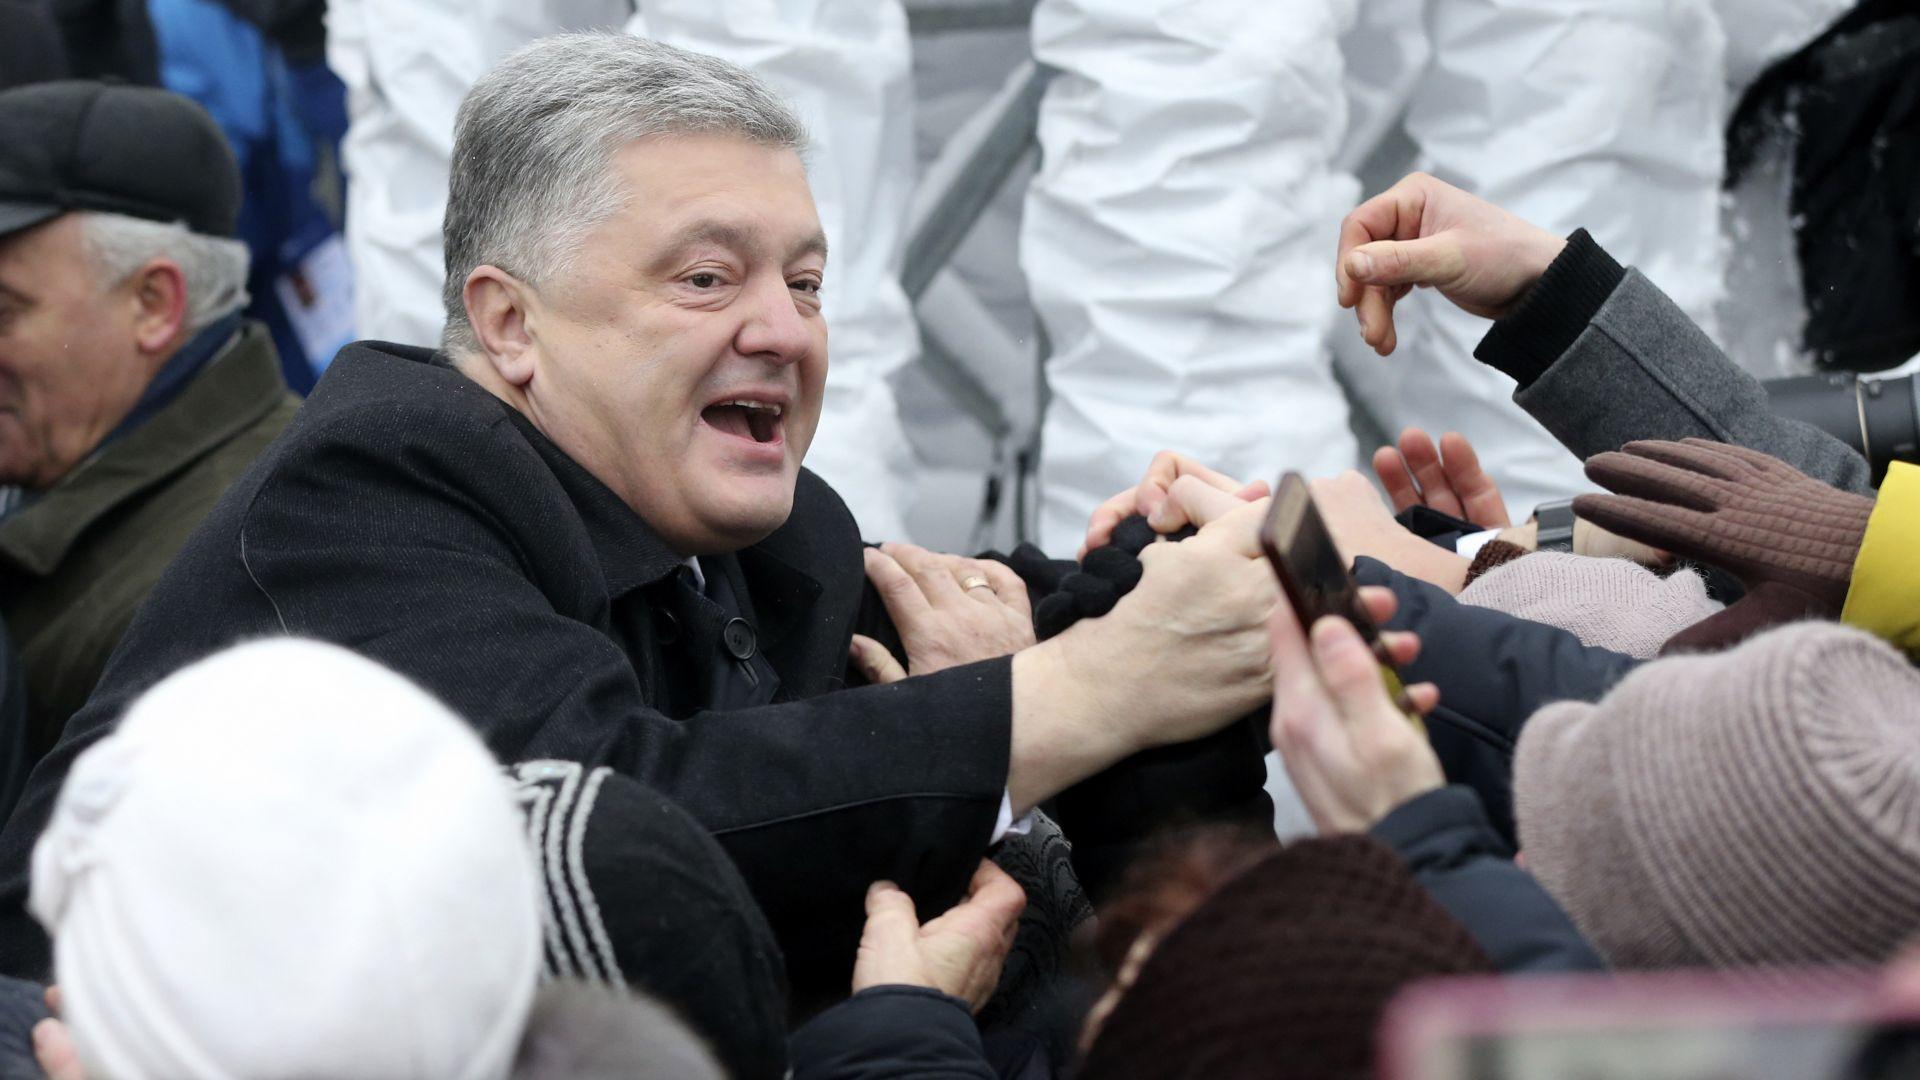 Обединителният събор в Киев днес гласува за създаването на автокефална